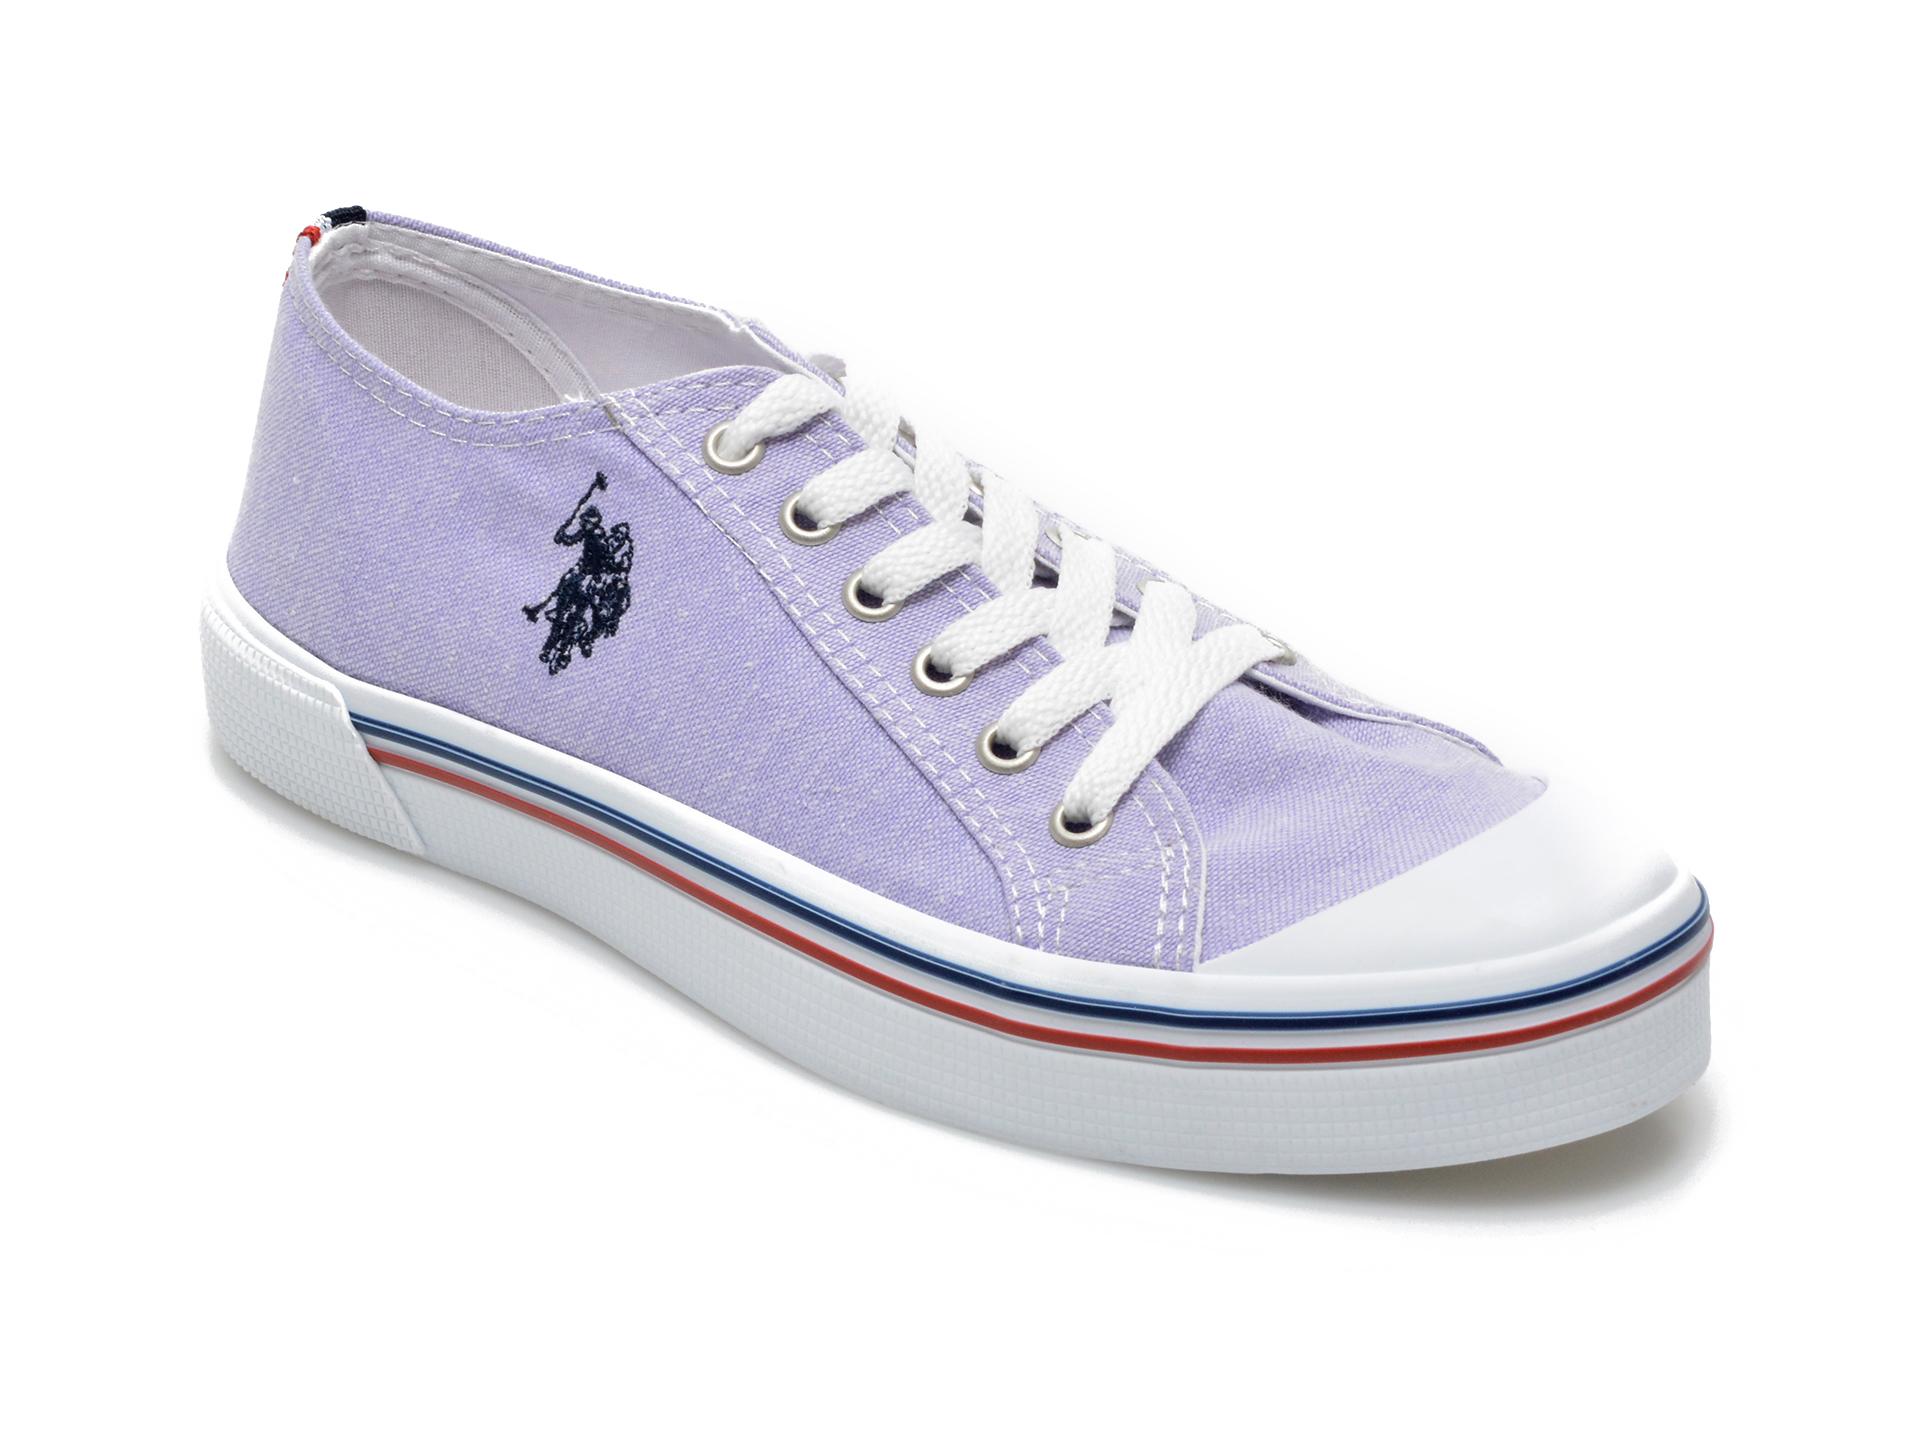 Pantofi sport US POLO ASSN mov, PENE1FX, din material textil imagine otter.ro 2021